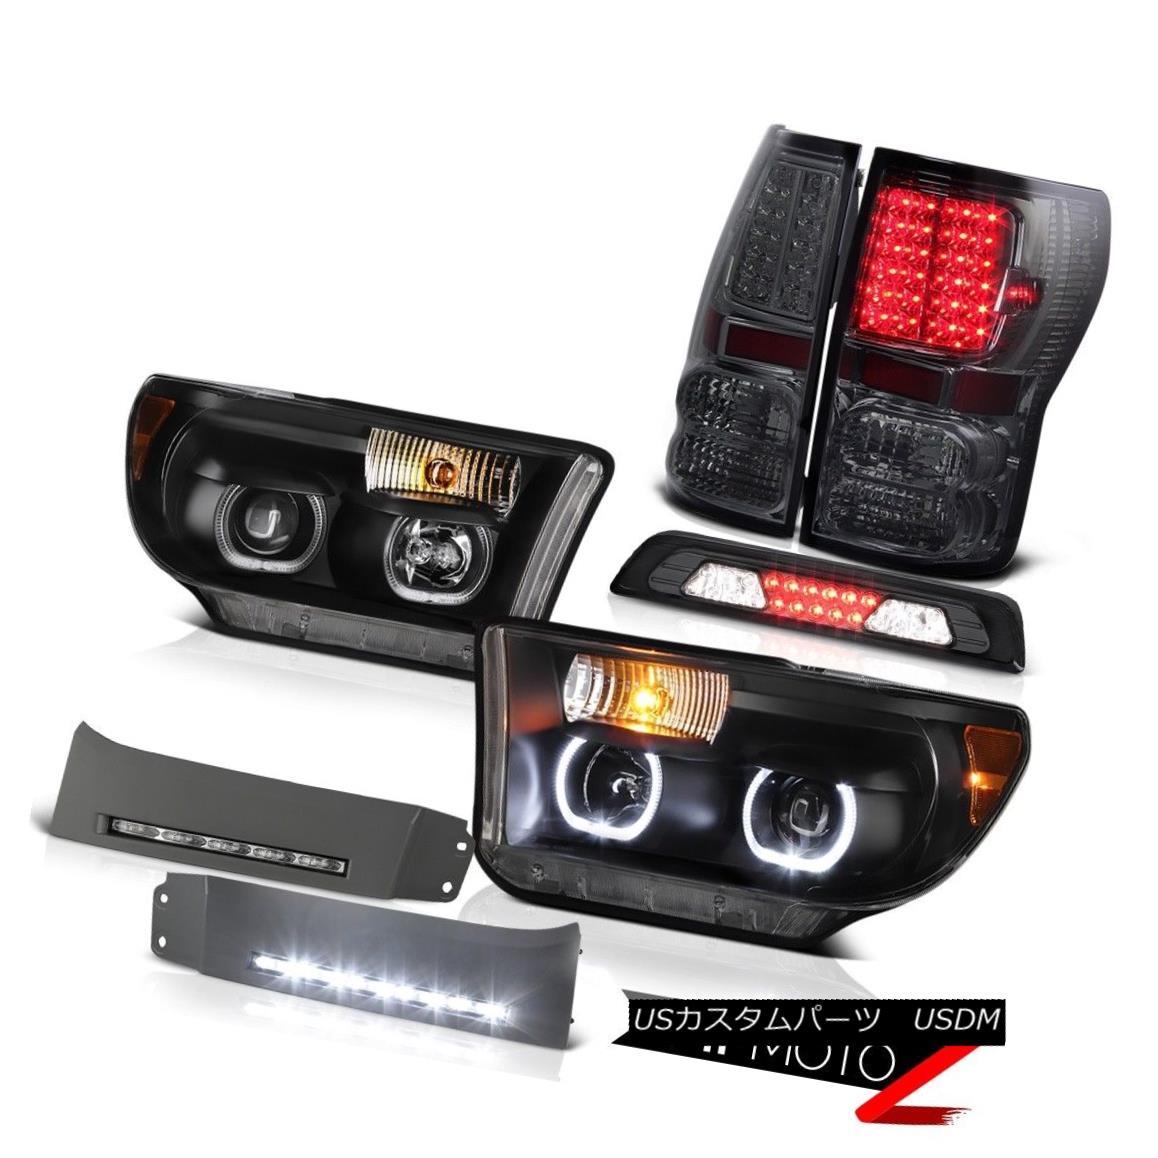 テールライト 07-13 Toyota Tundra SR5 Headlamps DRL Strip High Stop Light Taillamps Dual Halo 07-13トヨタ・トンドラSR5ヘッドランプDRLストリップハイストップライト・タイルランプデュアル・ヘイロー